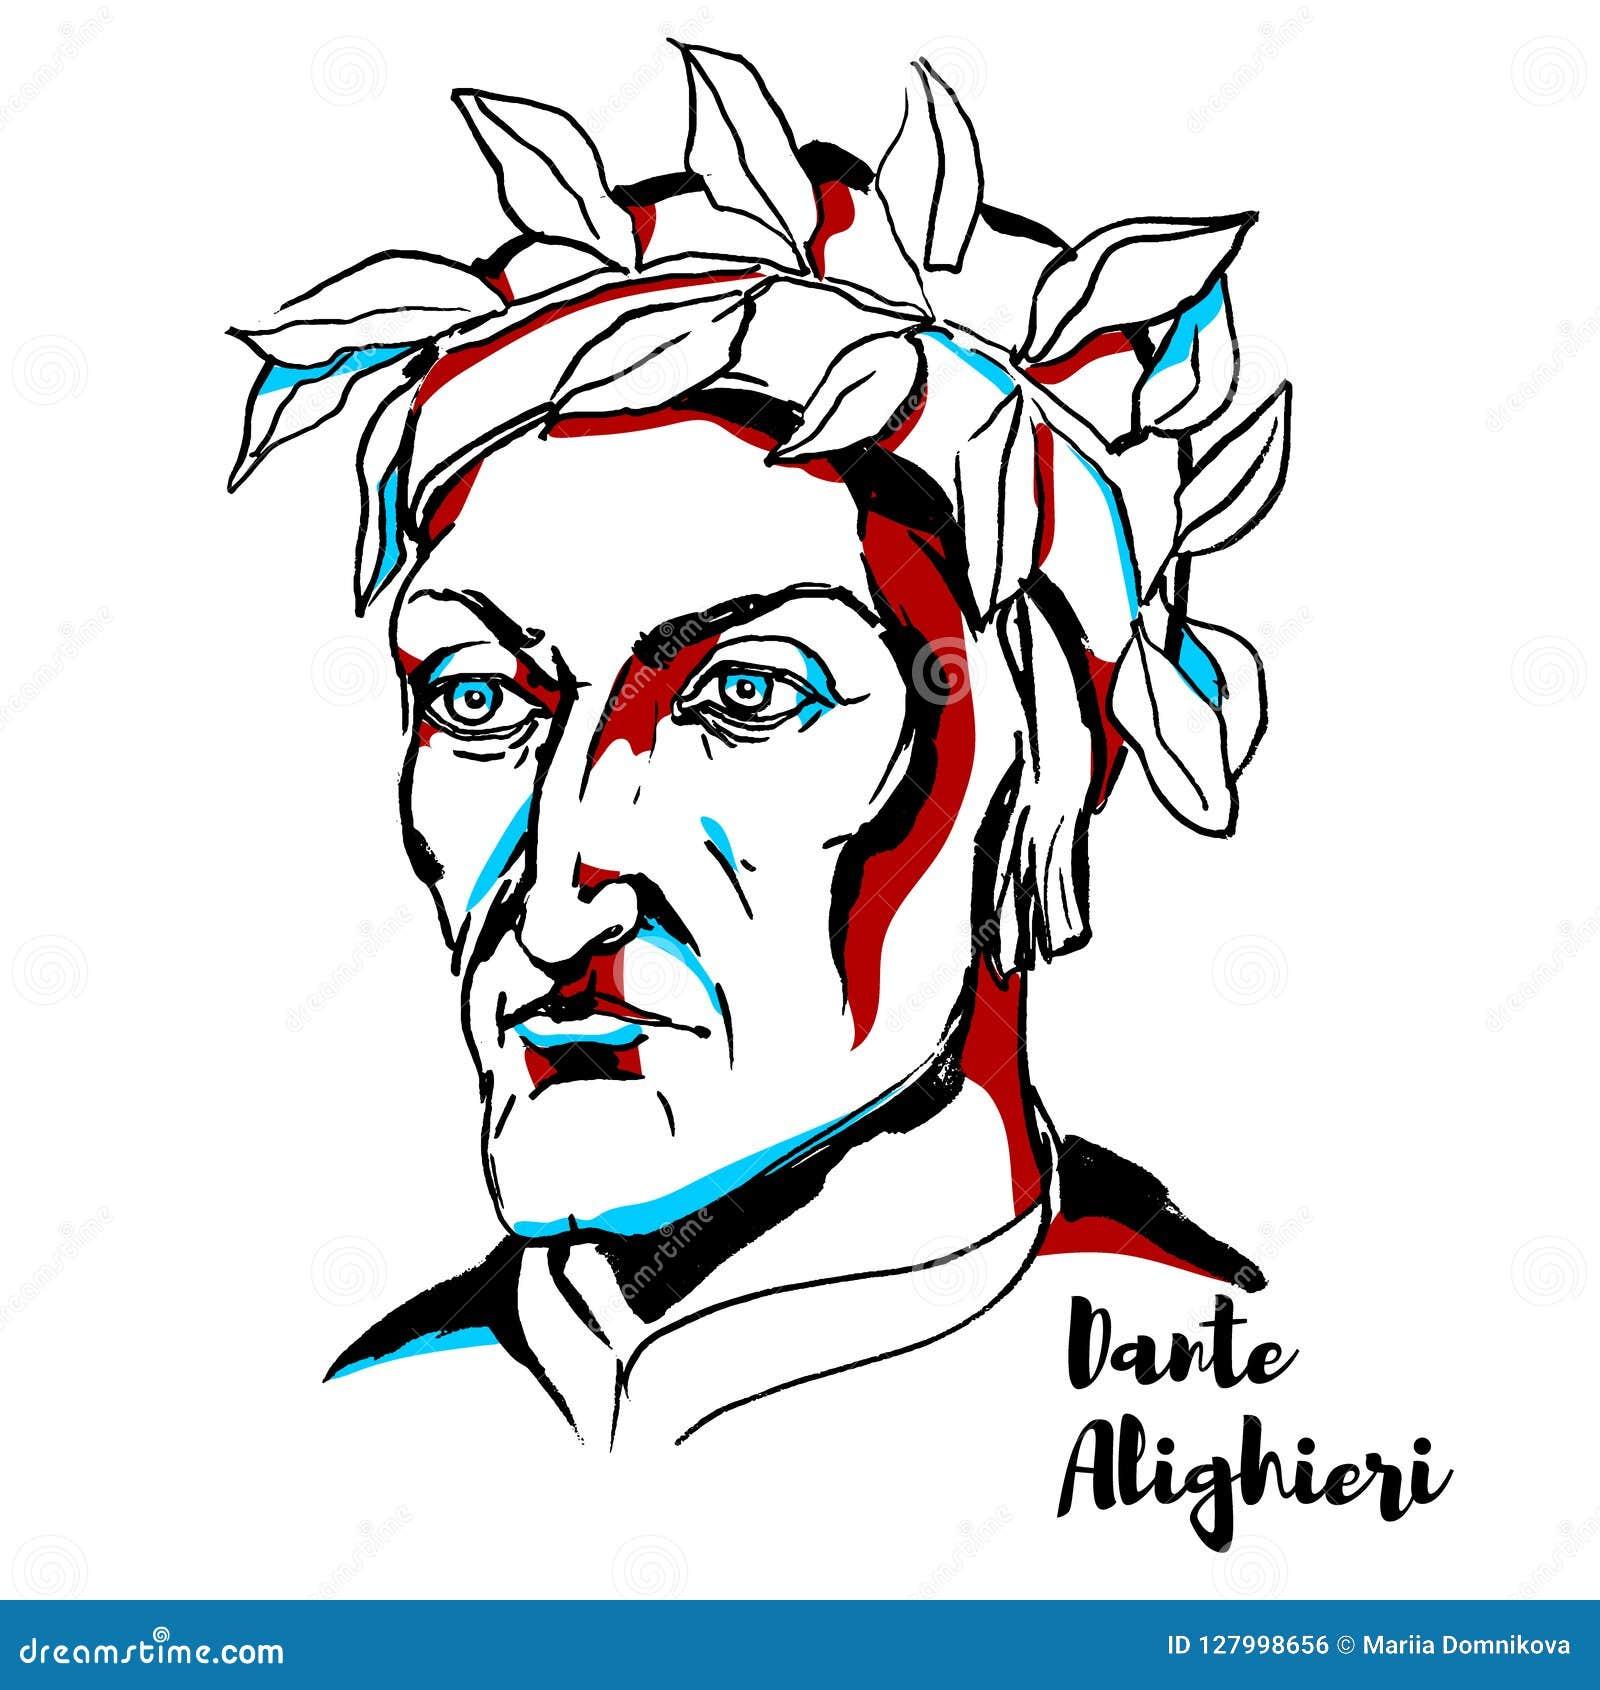 Dante Clipart